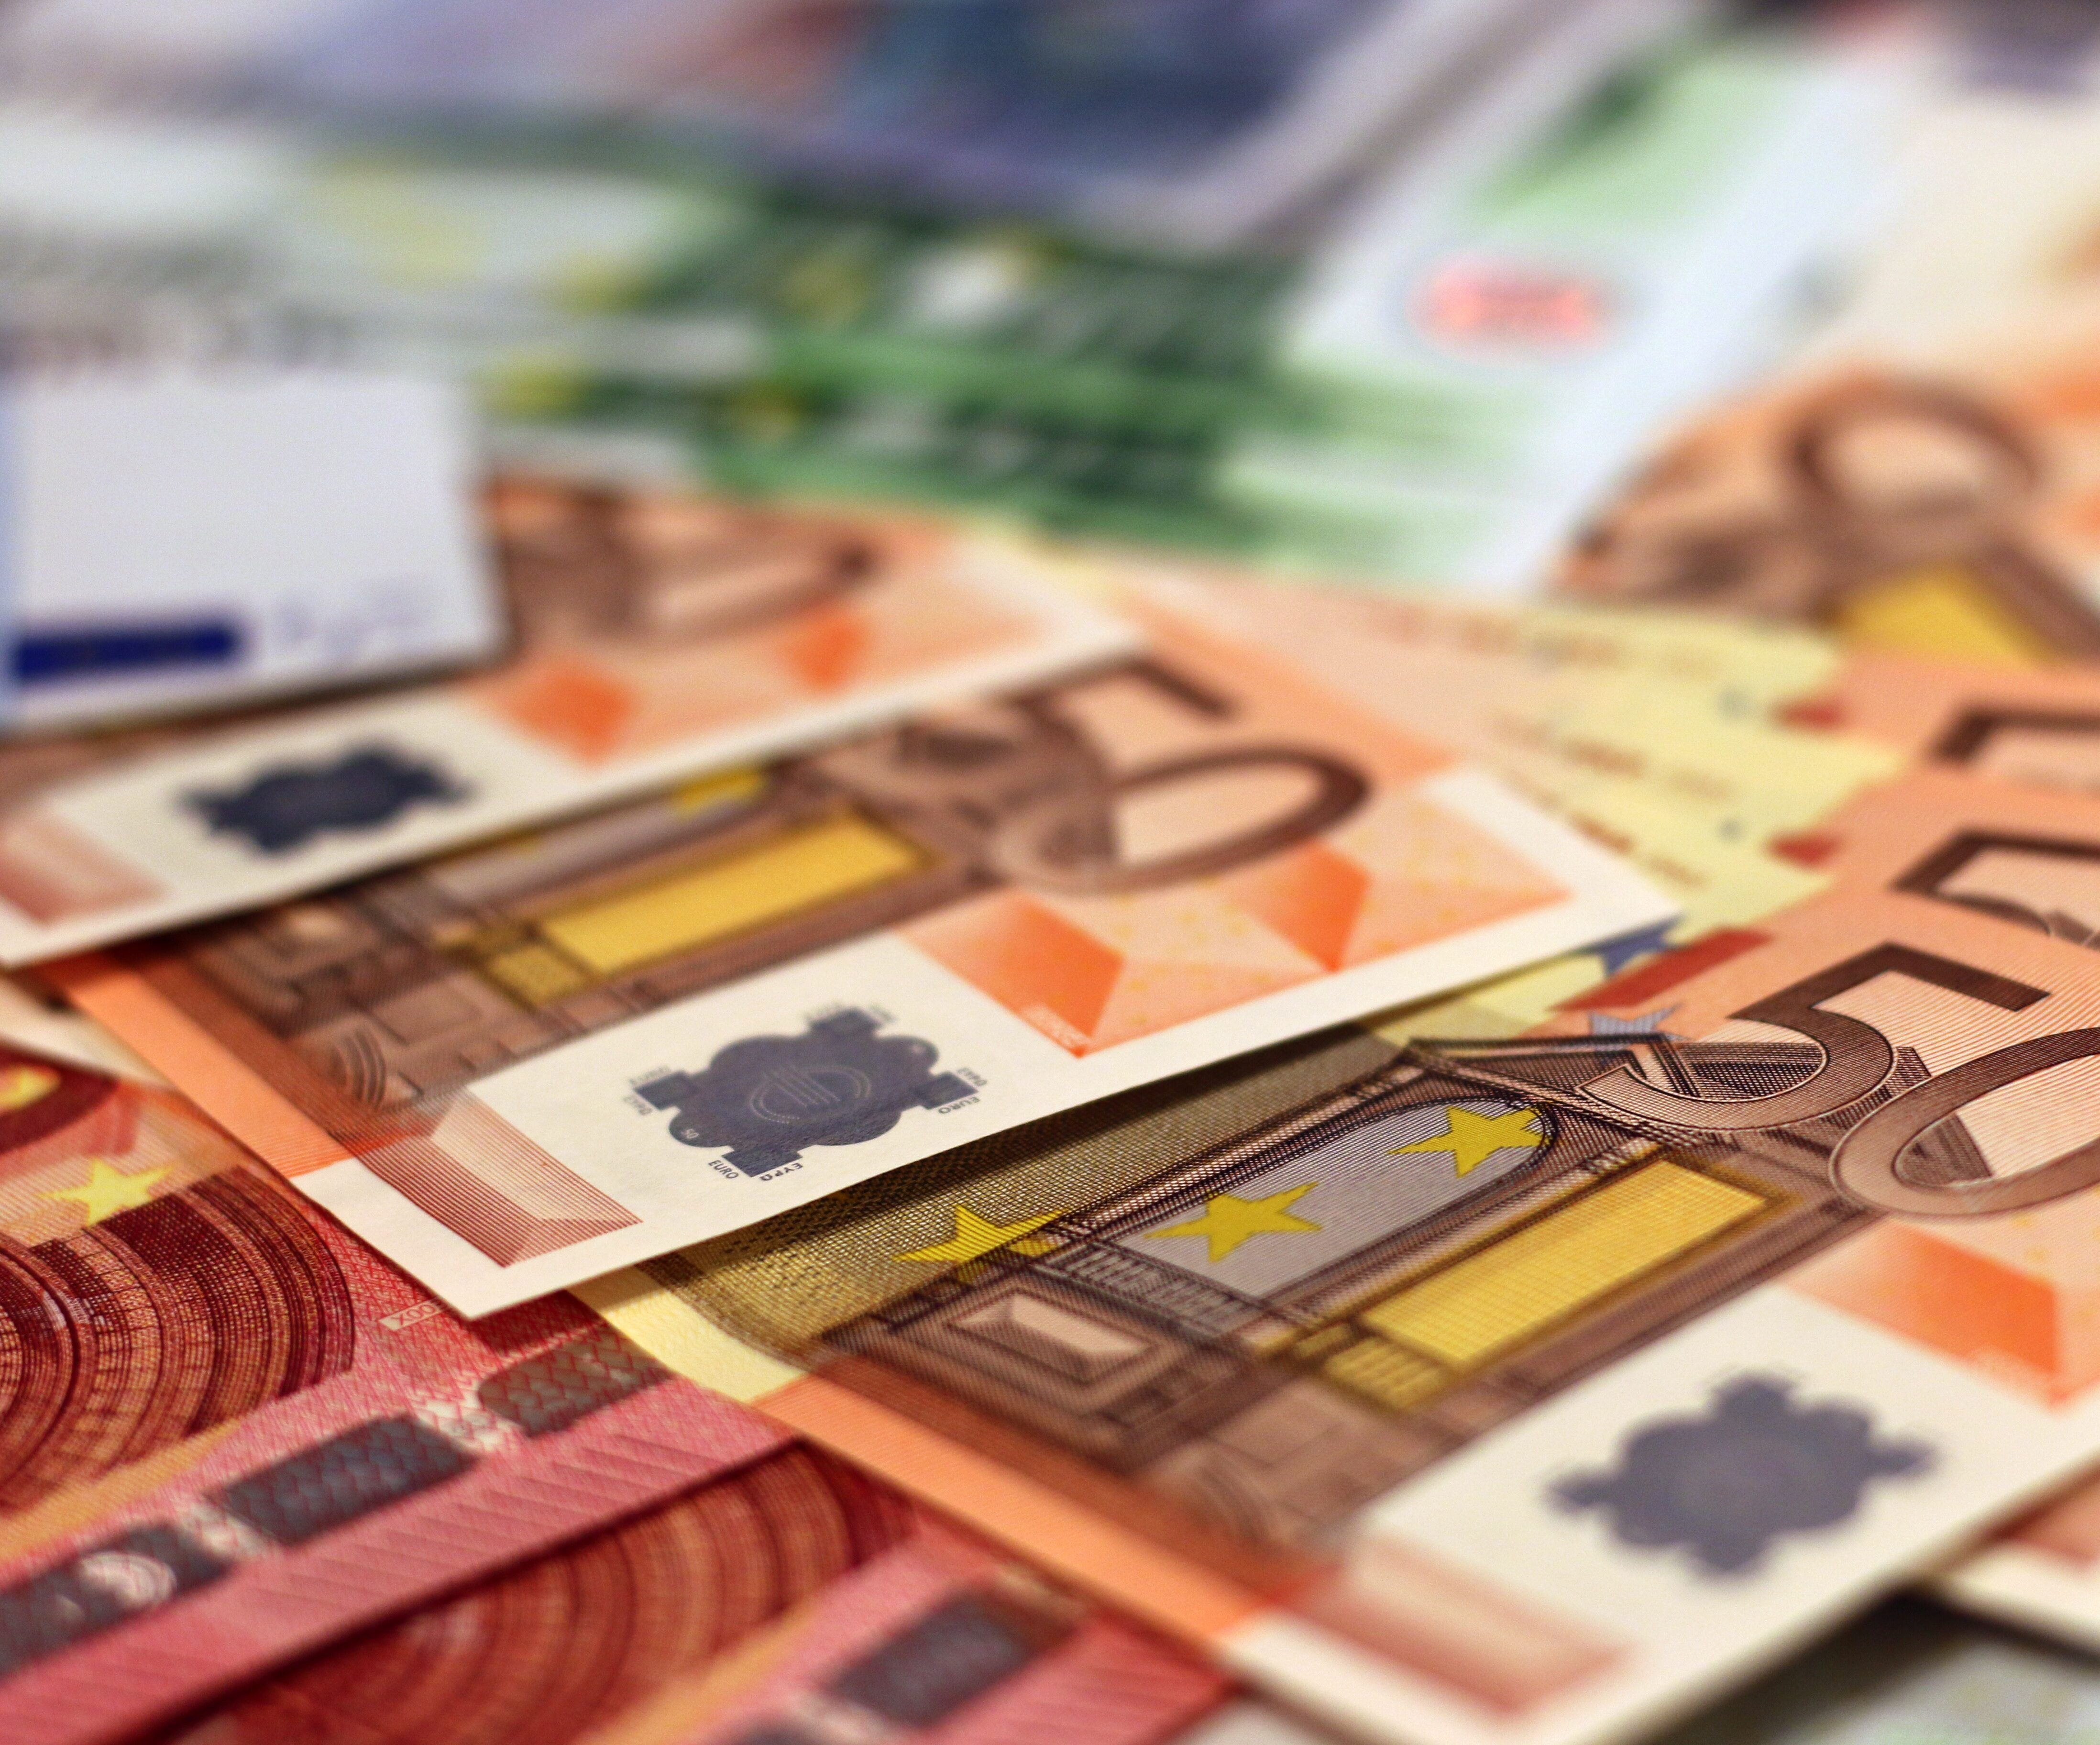 abundance-bank-bank-notes-banking-259249